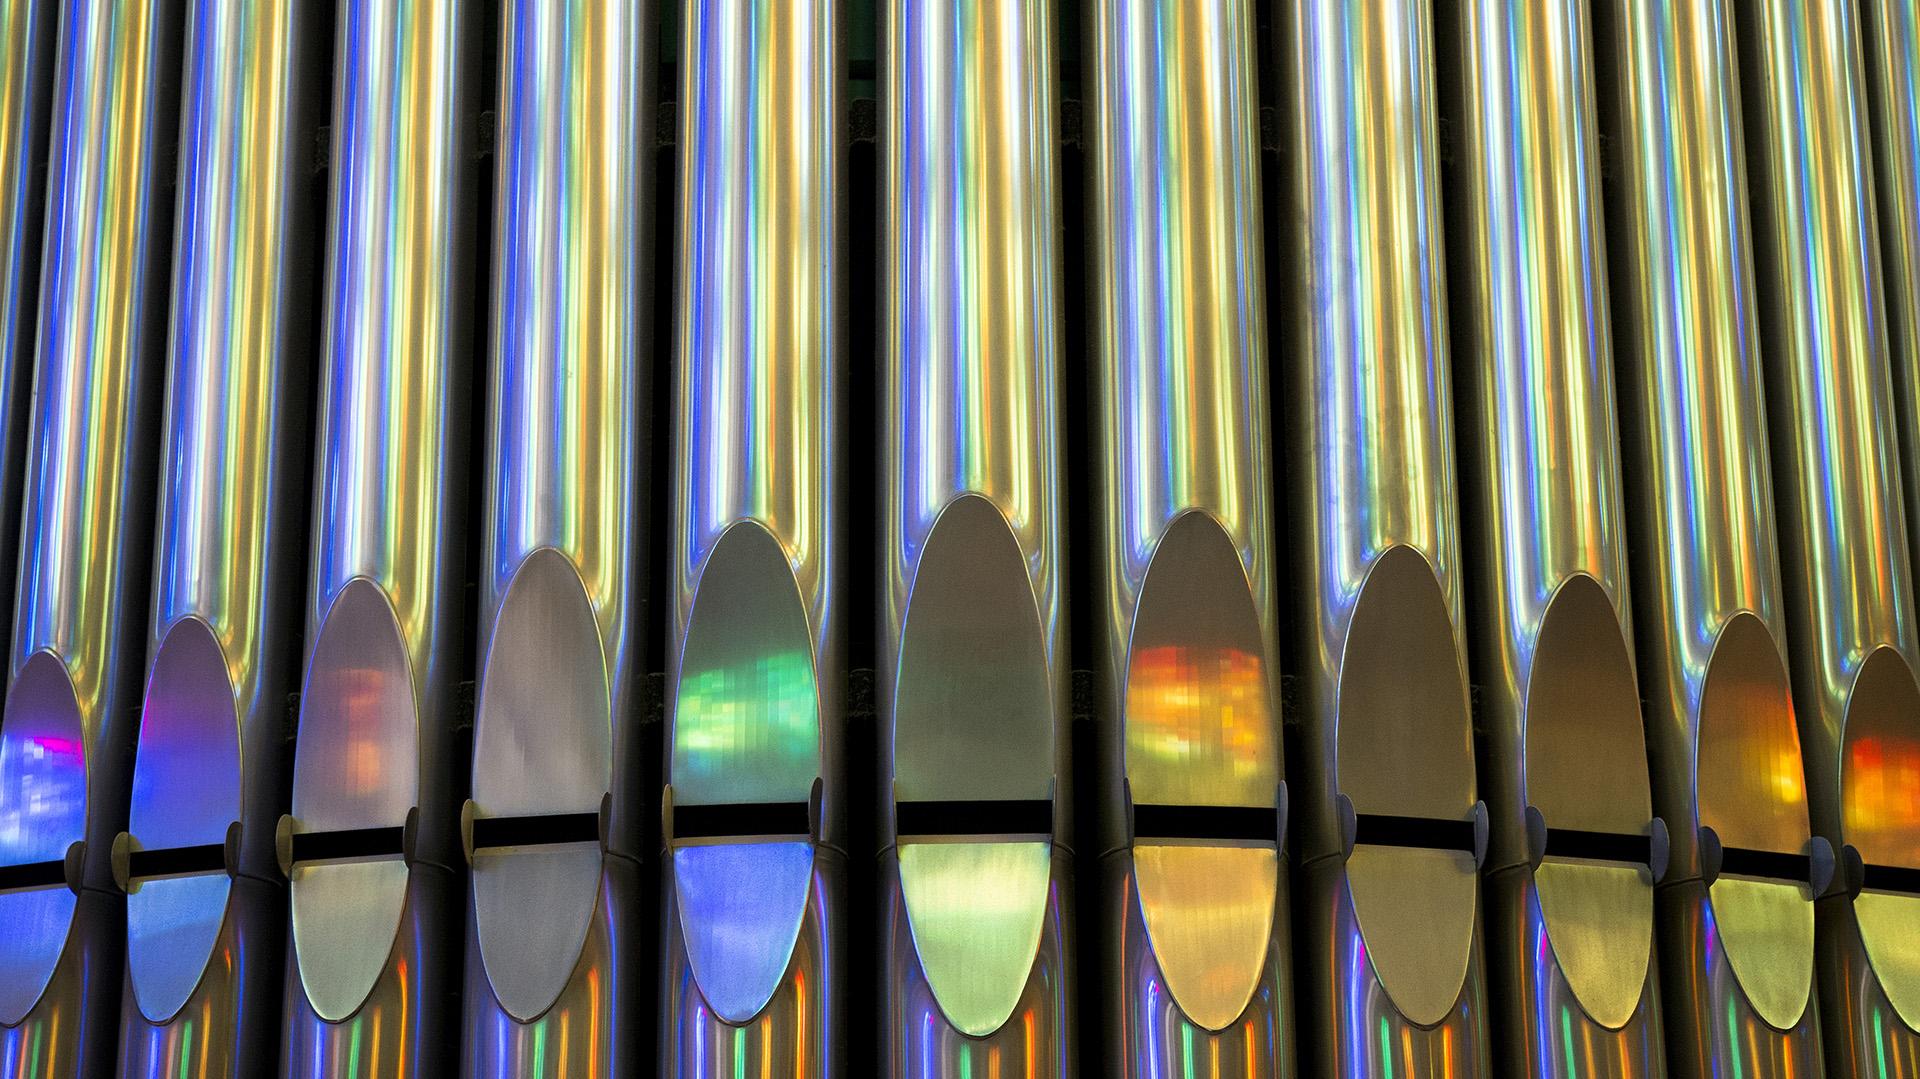 Detalles de los tubos del órgano de la Sagrada Famillia